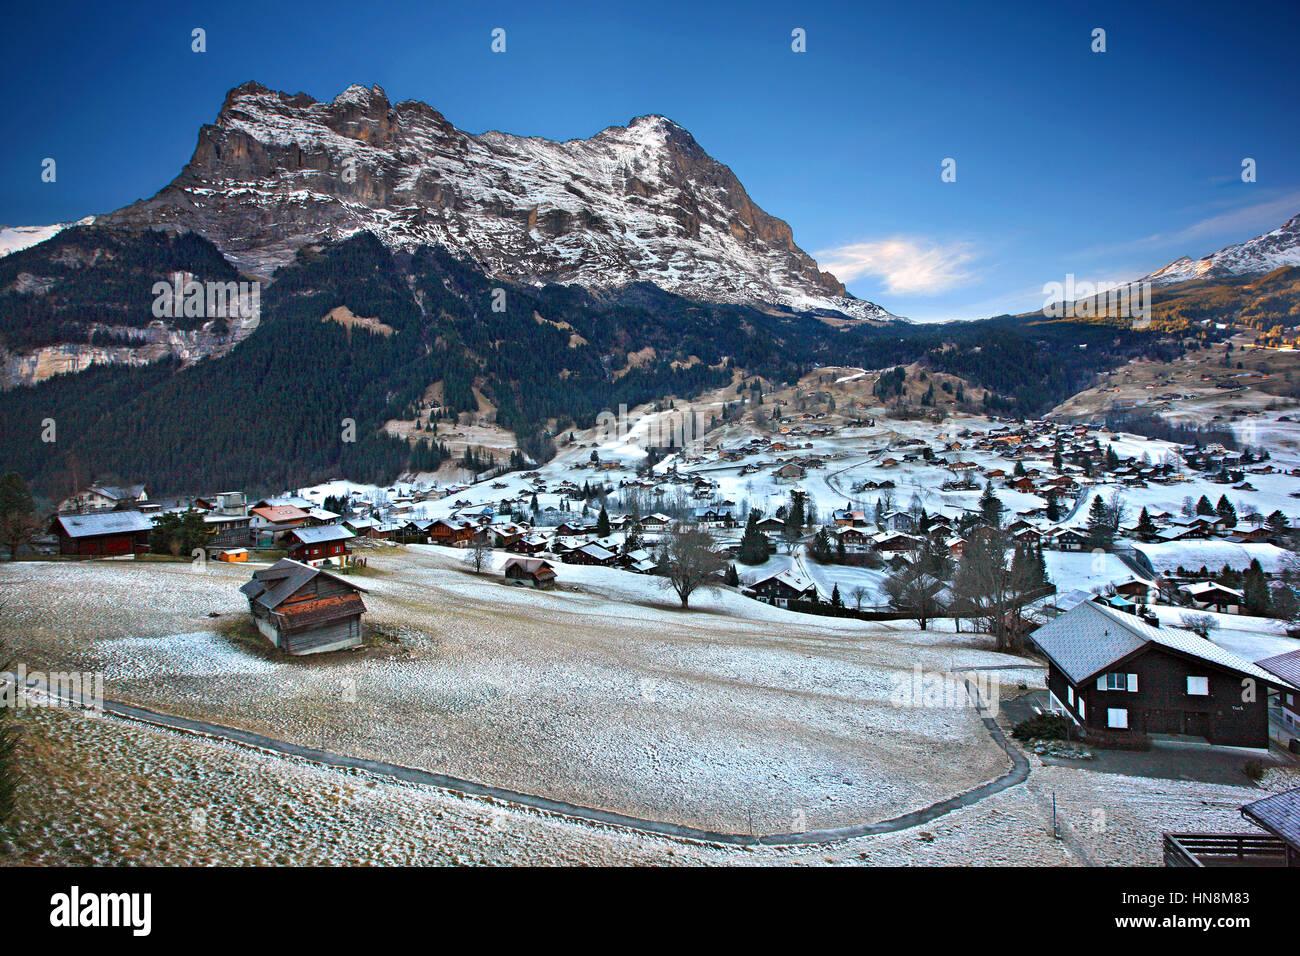 """Grindelwald Dorf, im """"Schatten"""" des Mount Eiger (3,970 m), in den Berner Alpen, Schweiz. Stockbild"""